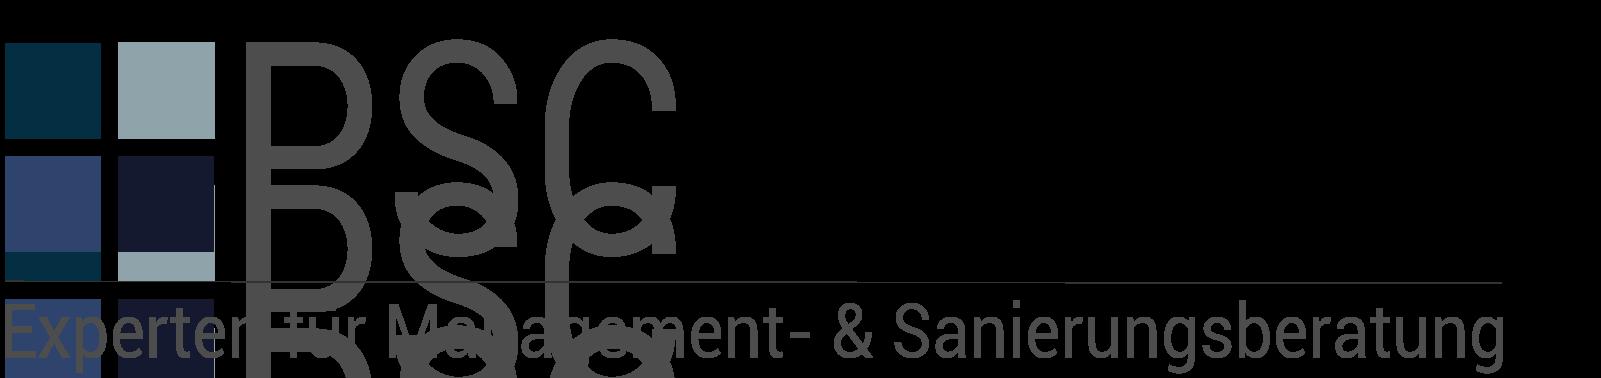 PSC Experten für Management- & Sanierungsberatung